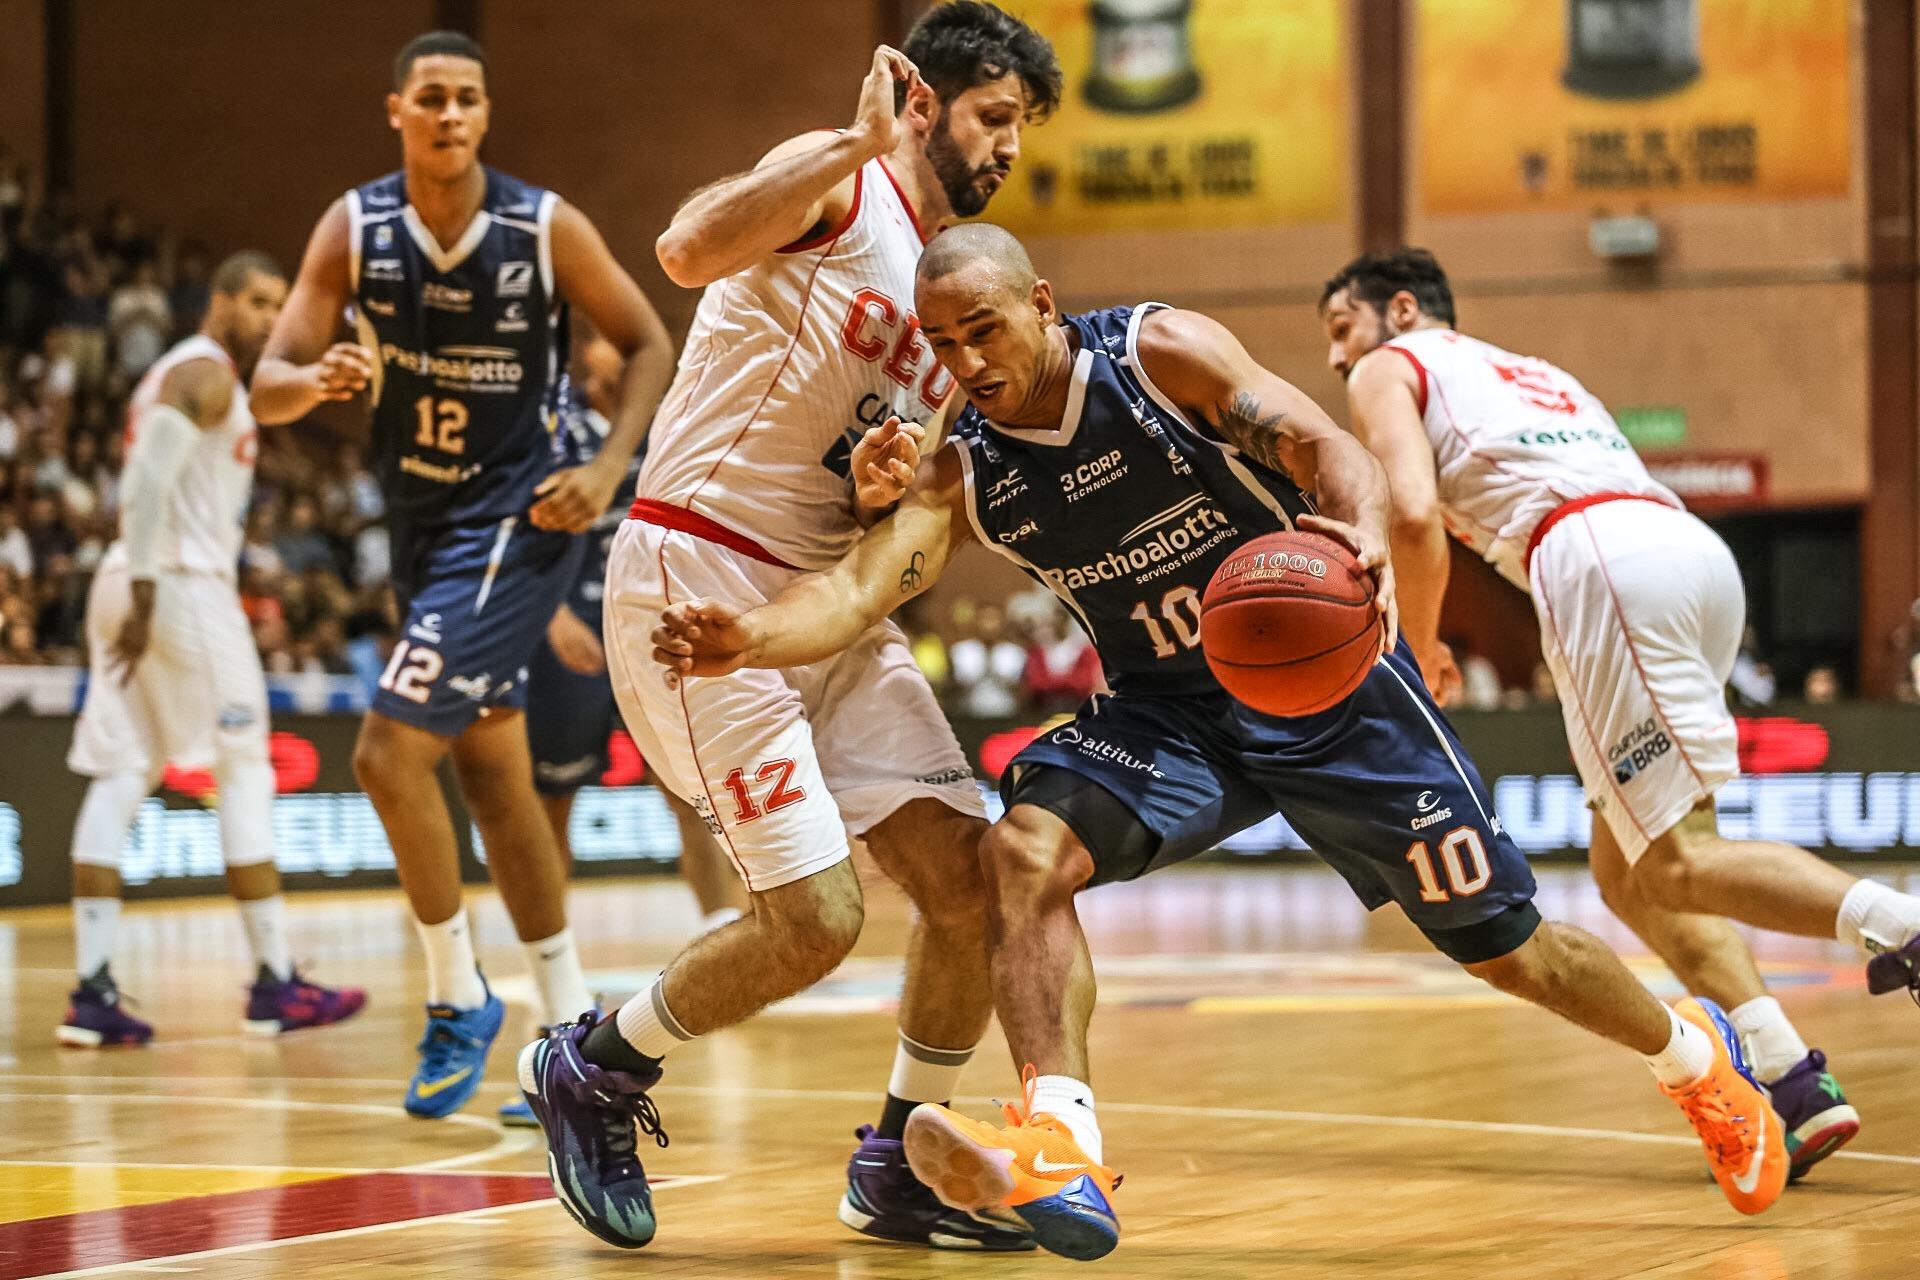 Frente a frente com seu ex-time, Alex teve grande atuação no Jogo 1 da série (Caio Casagrande/Bauru Basket)